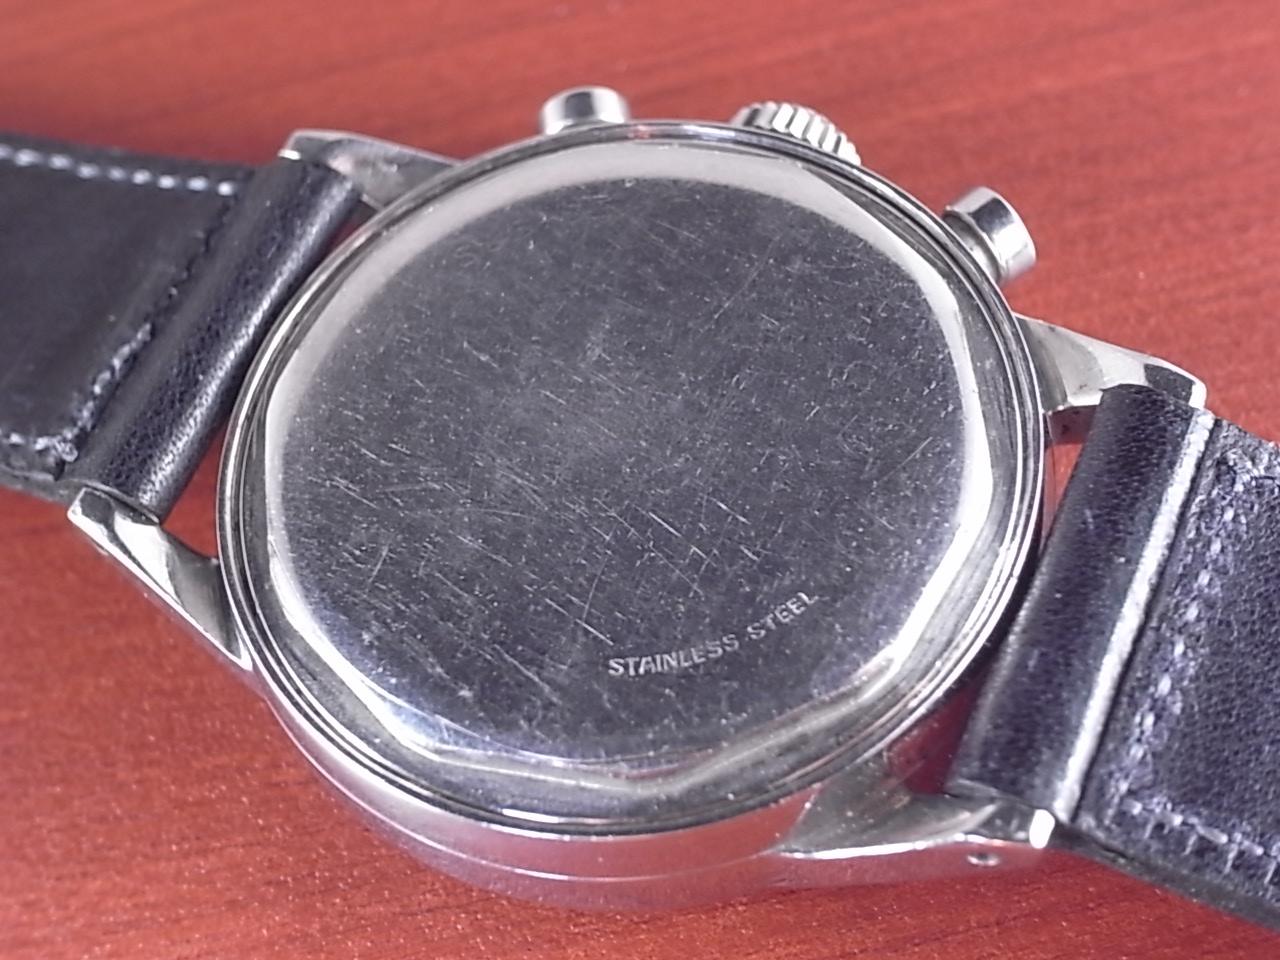 モバード クロノグラフ キャリバー95M スパイラルメーター 1950年代の写真4枚目